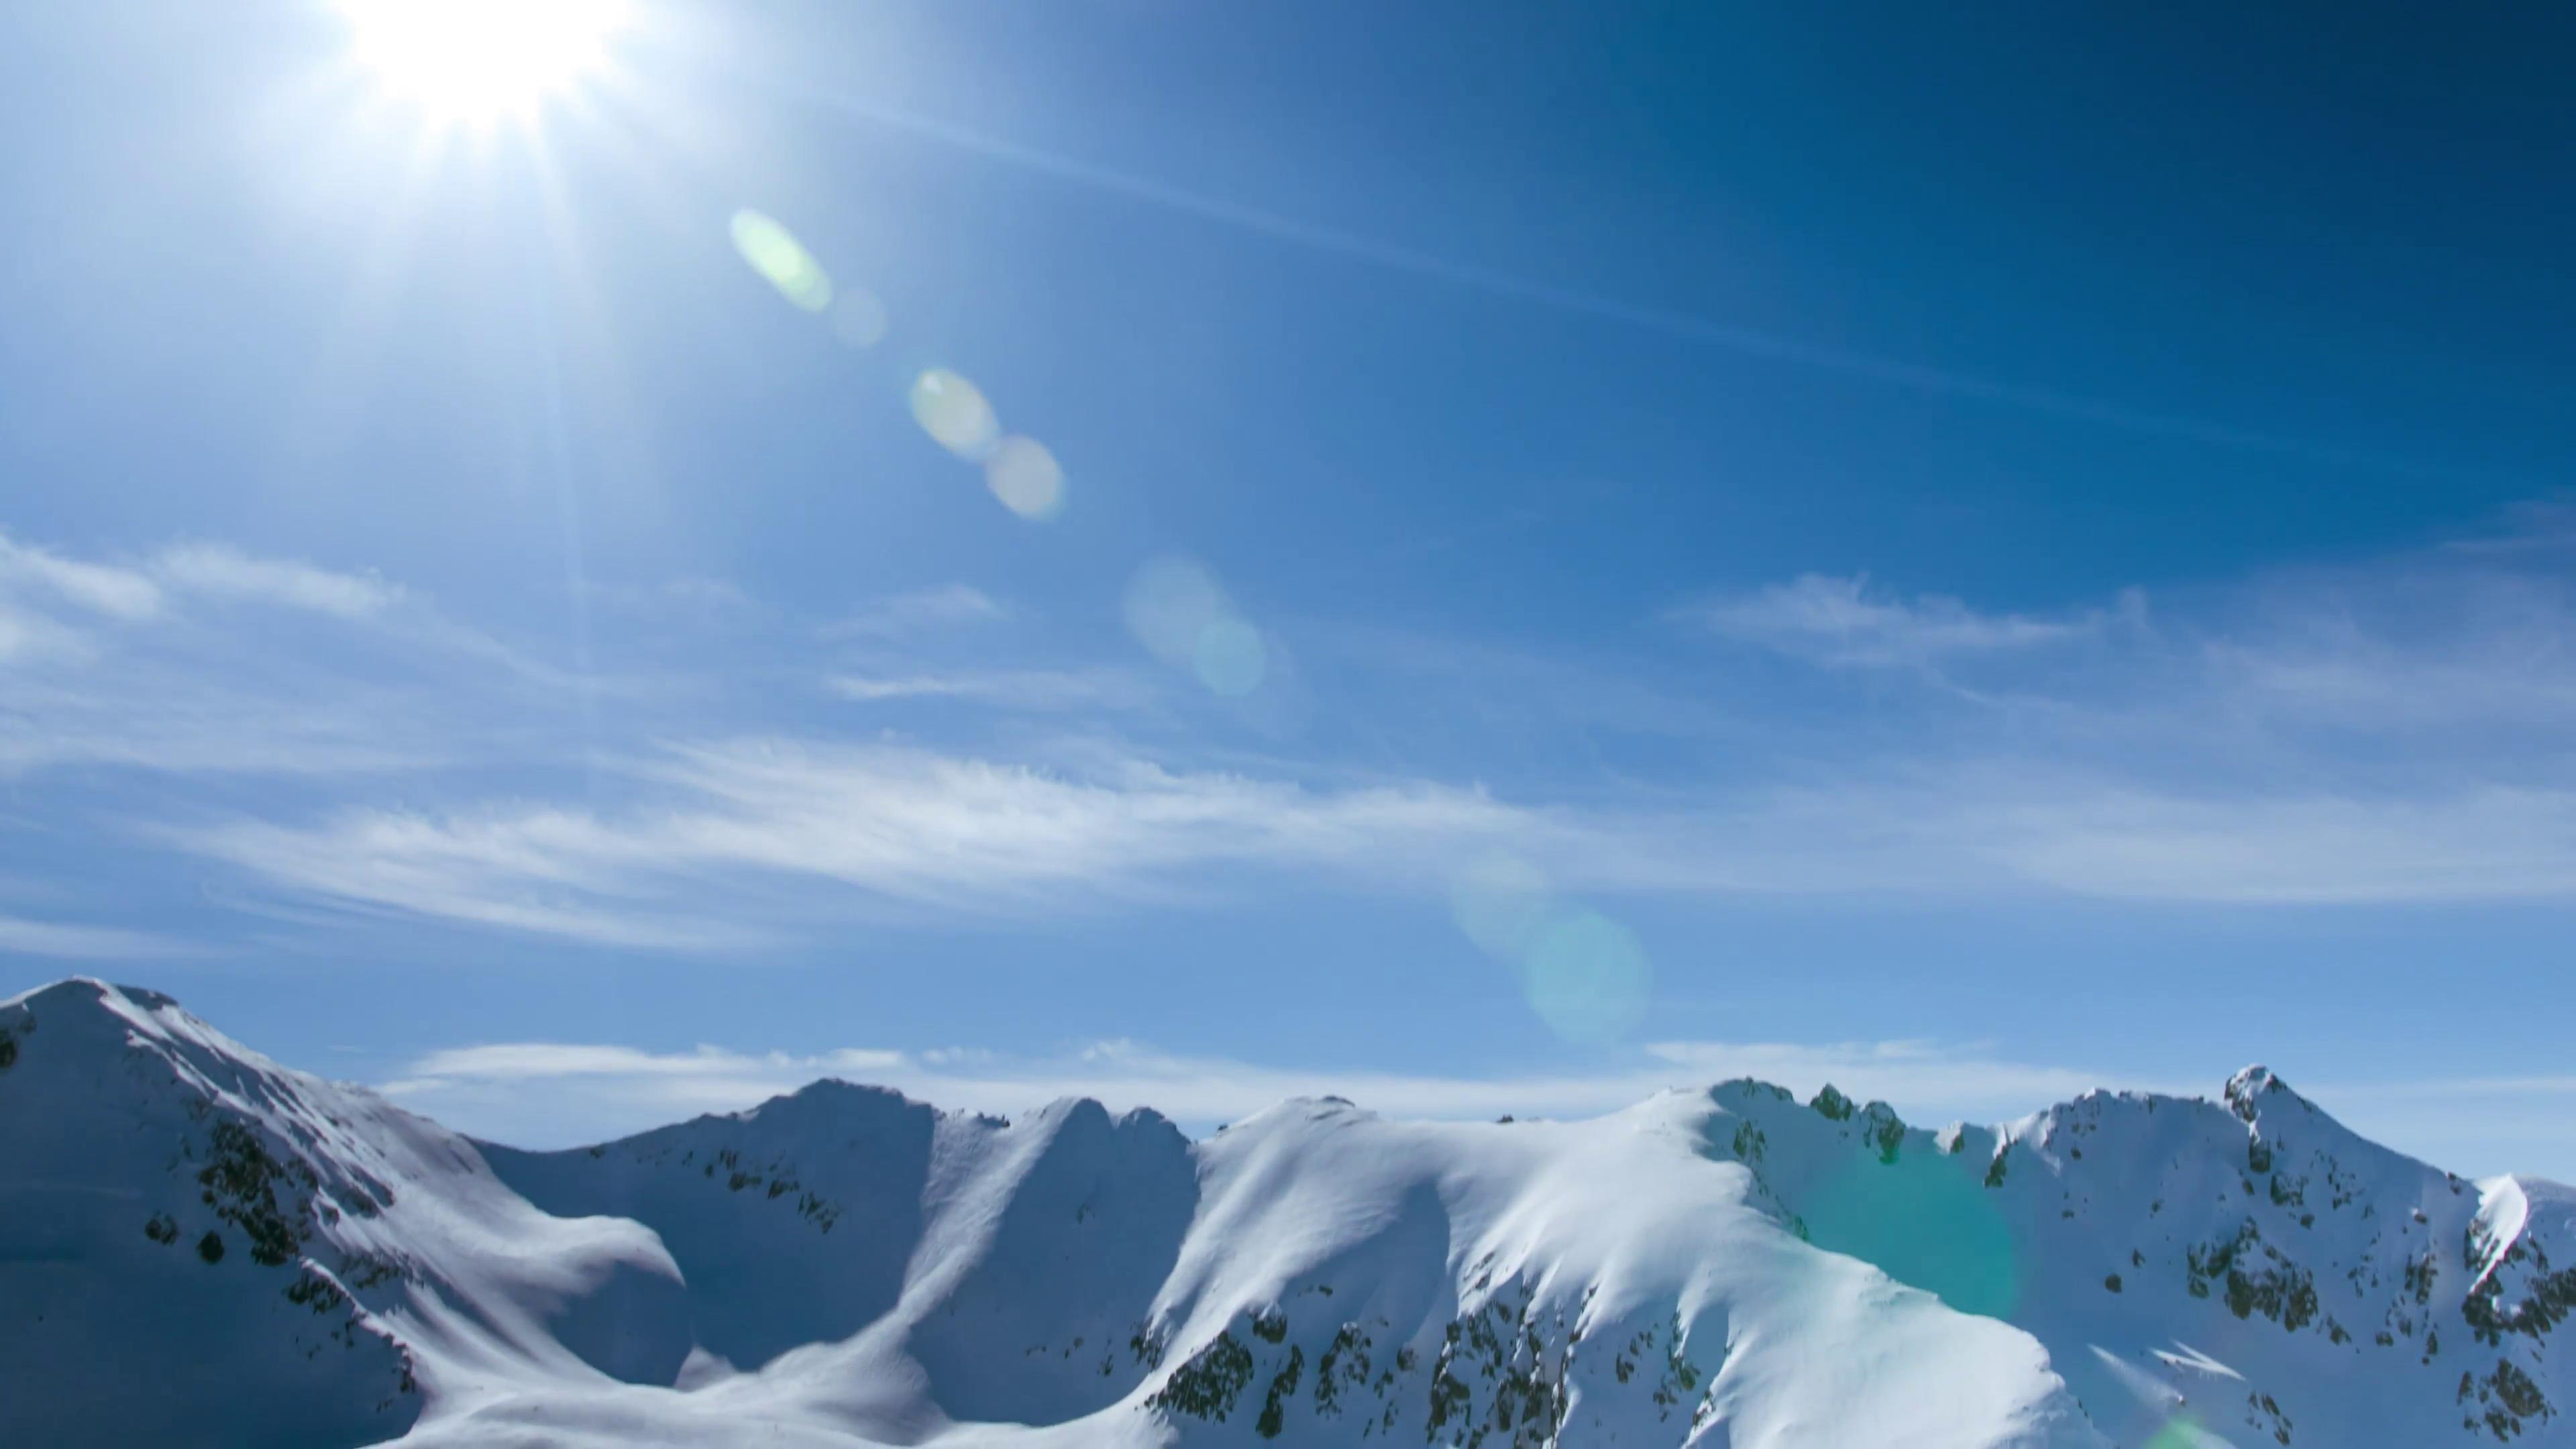 Ảnh Background phong cảnh núi tuyết đẹp